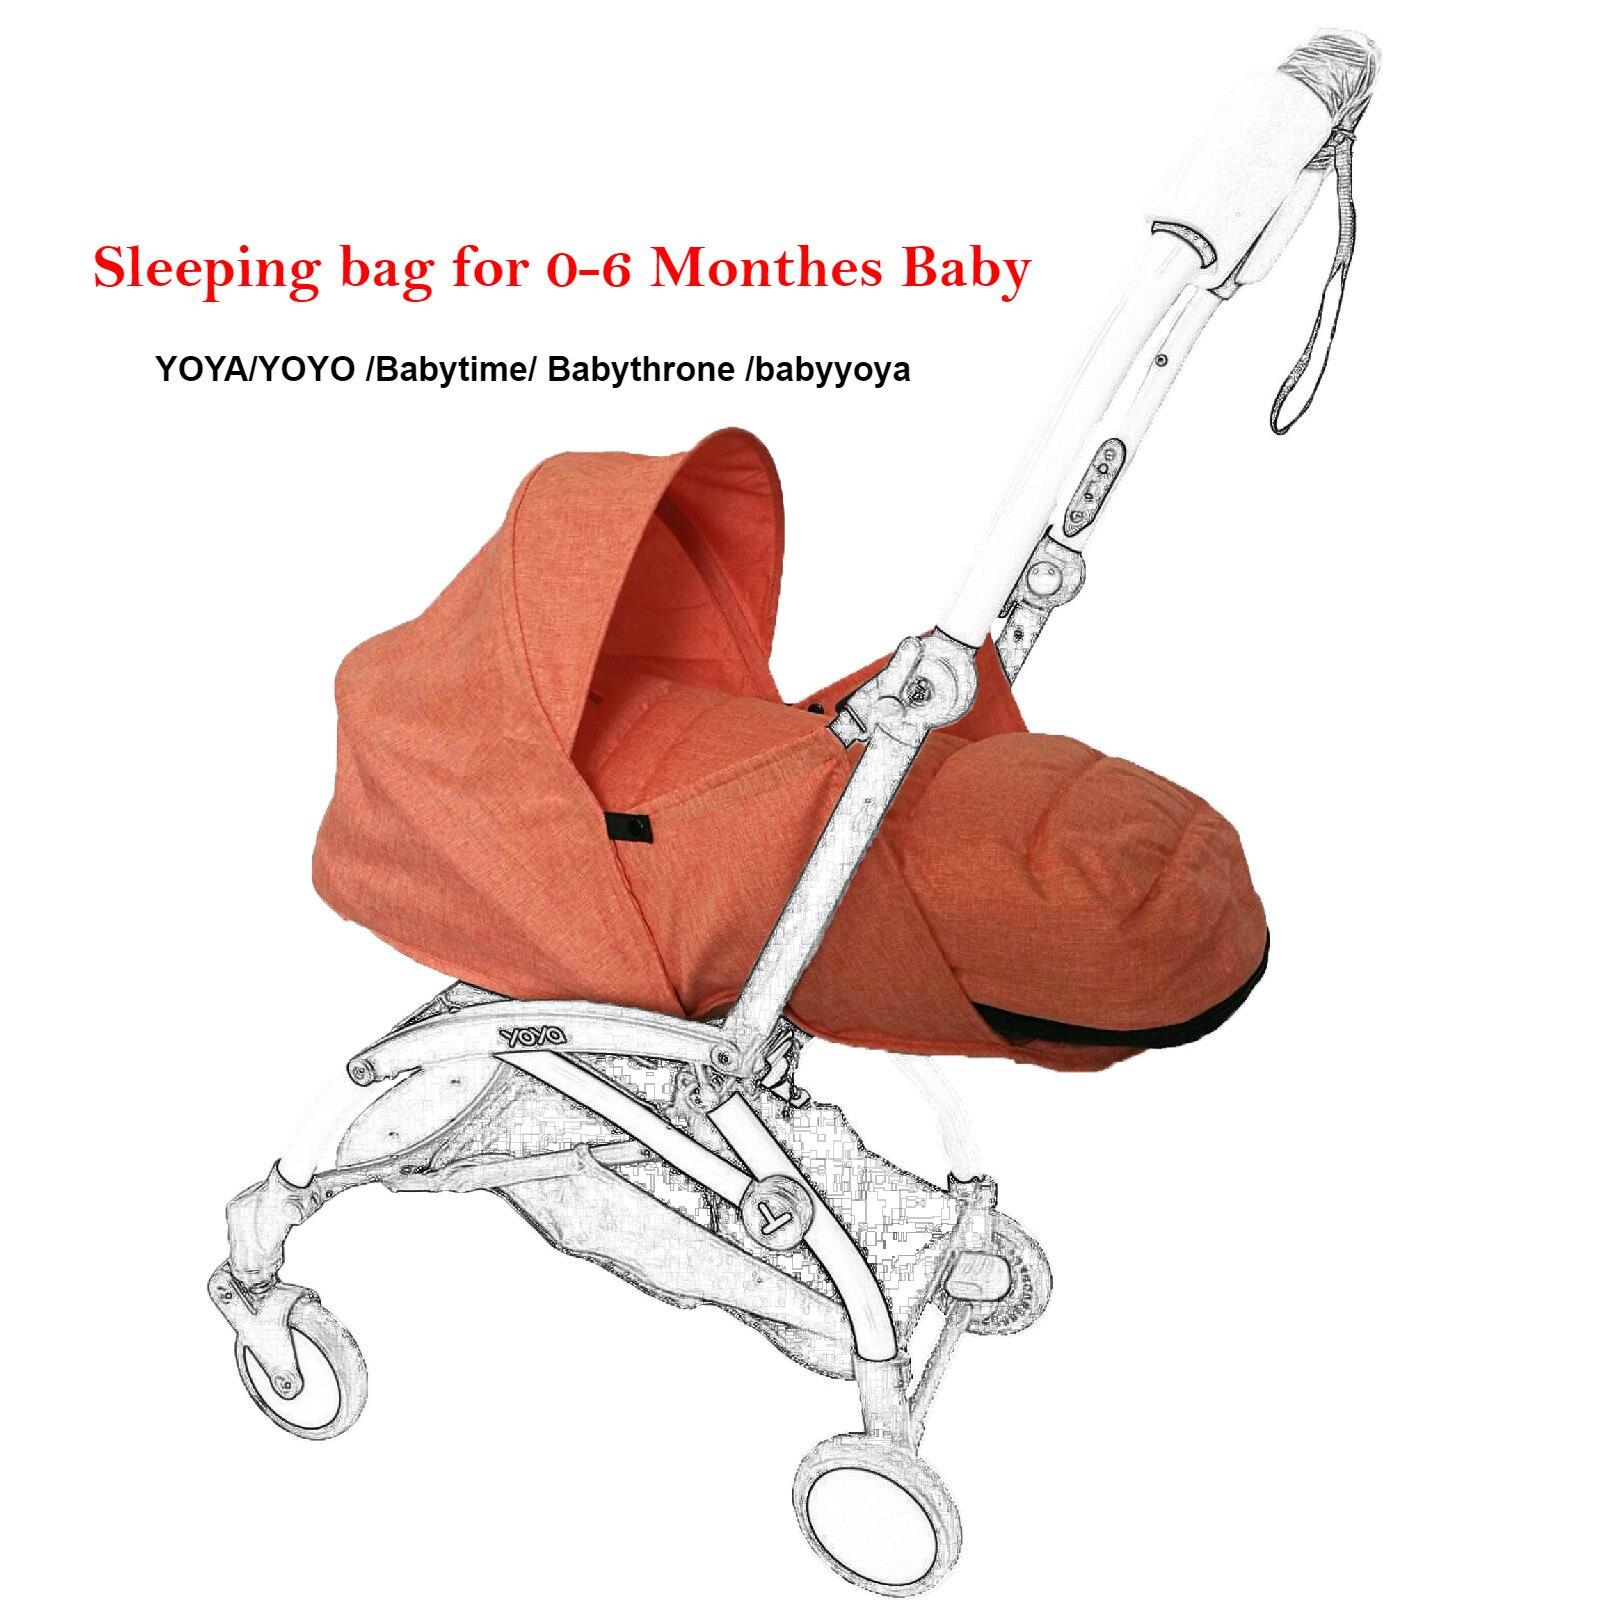 Newbron Nido Passeggino Dorme Carrello per Babyzen Yoyo Yoya Babyyoya Bambino Trono Sacchetto di Sonno di Nascita Nido Passeggino Accessori